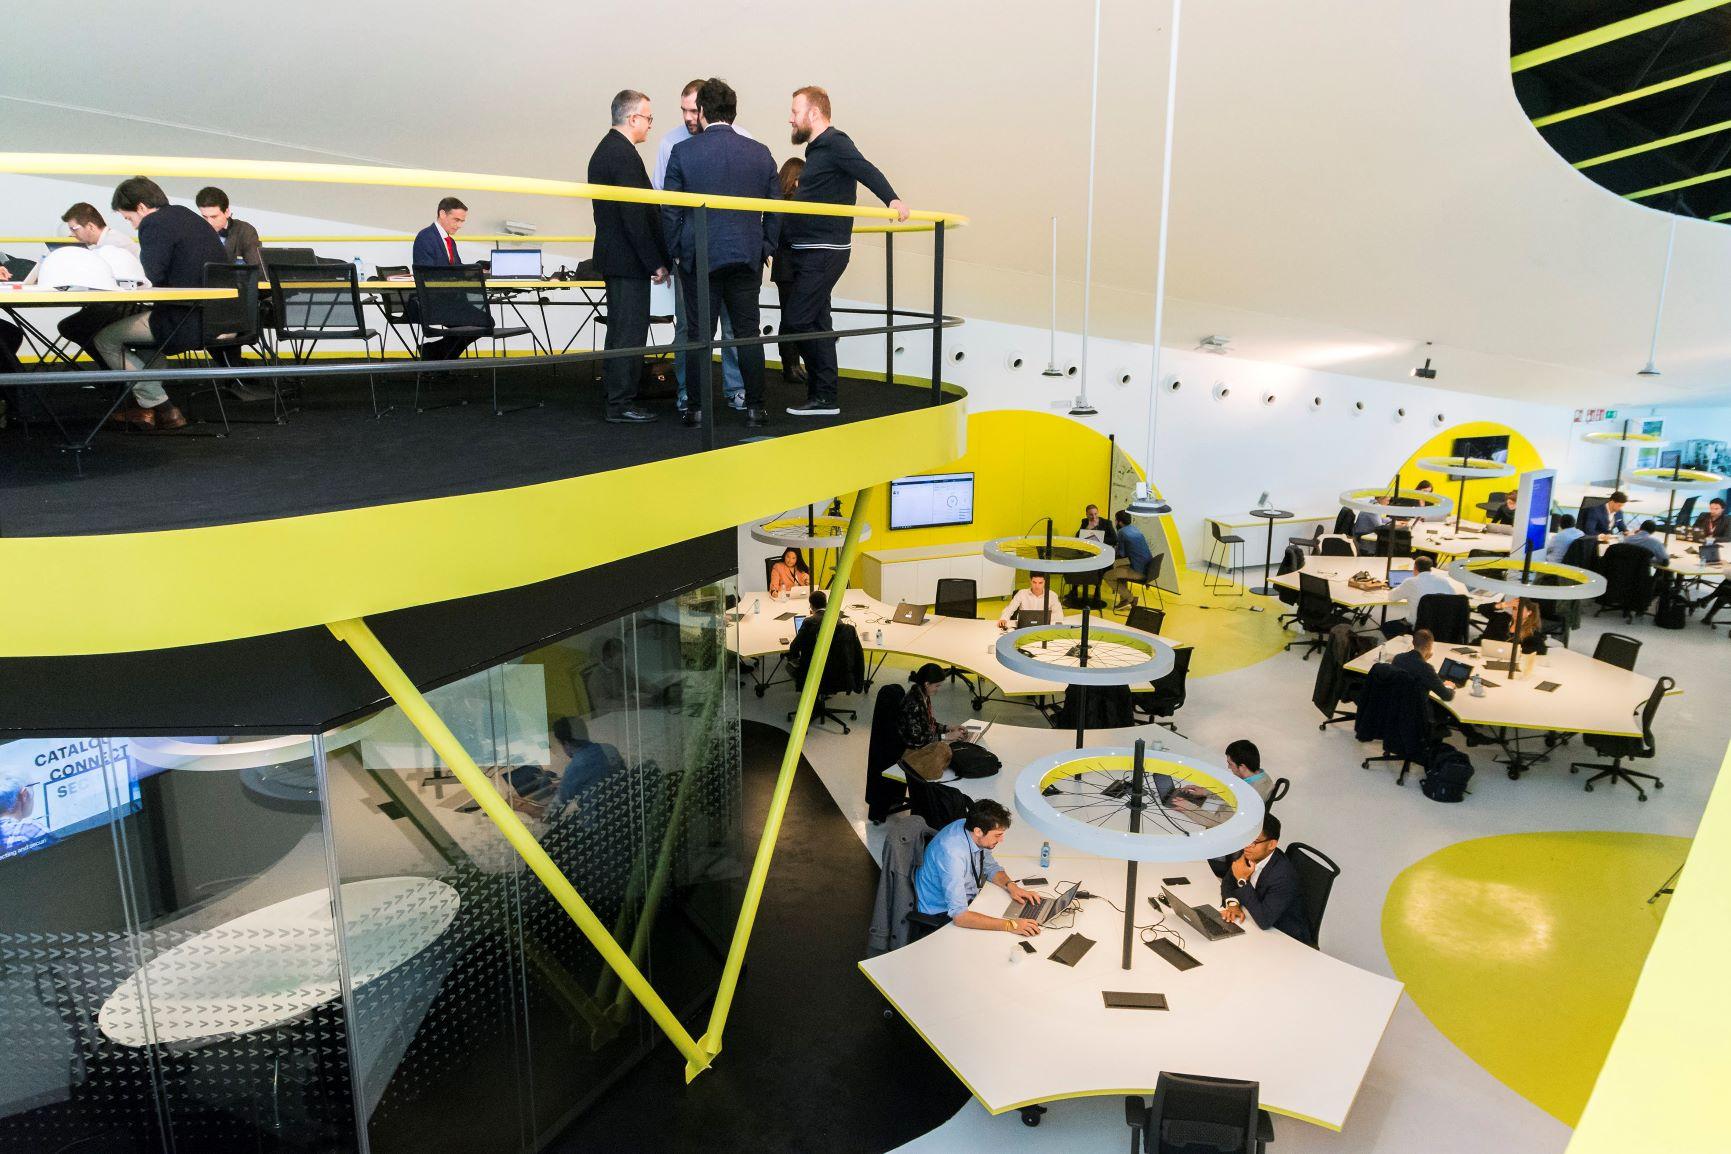 Nuevo Centro de Industria X.0 de Accenture en Bilbao